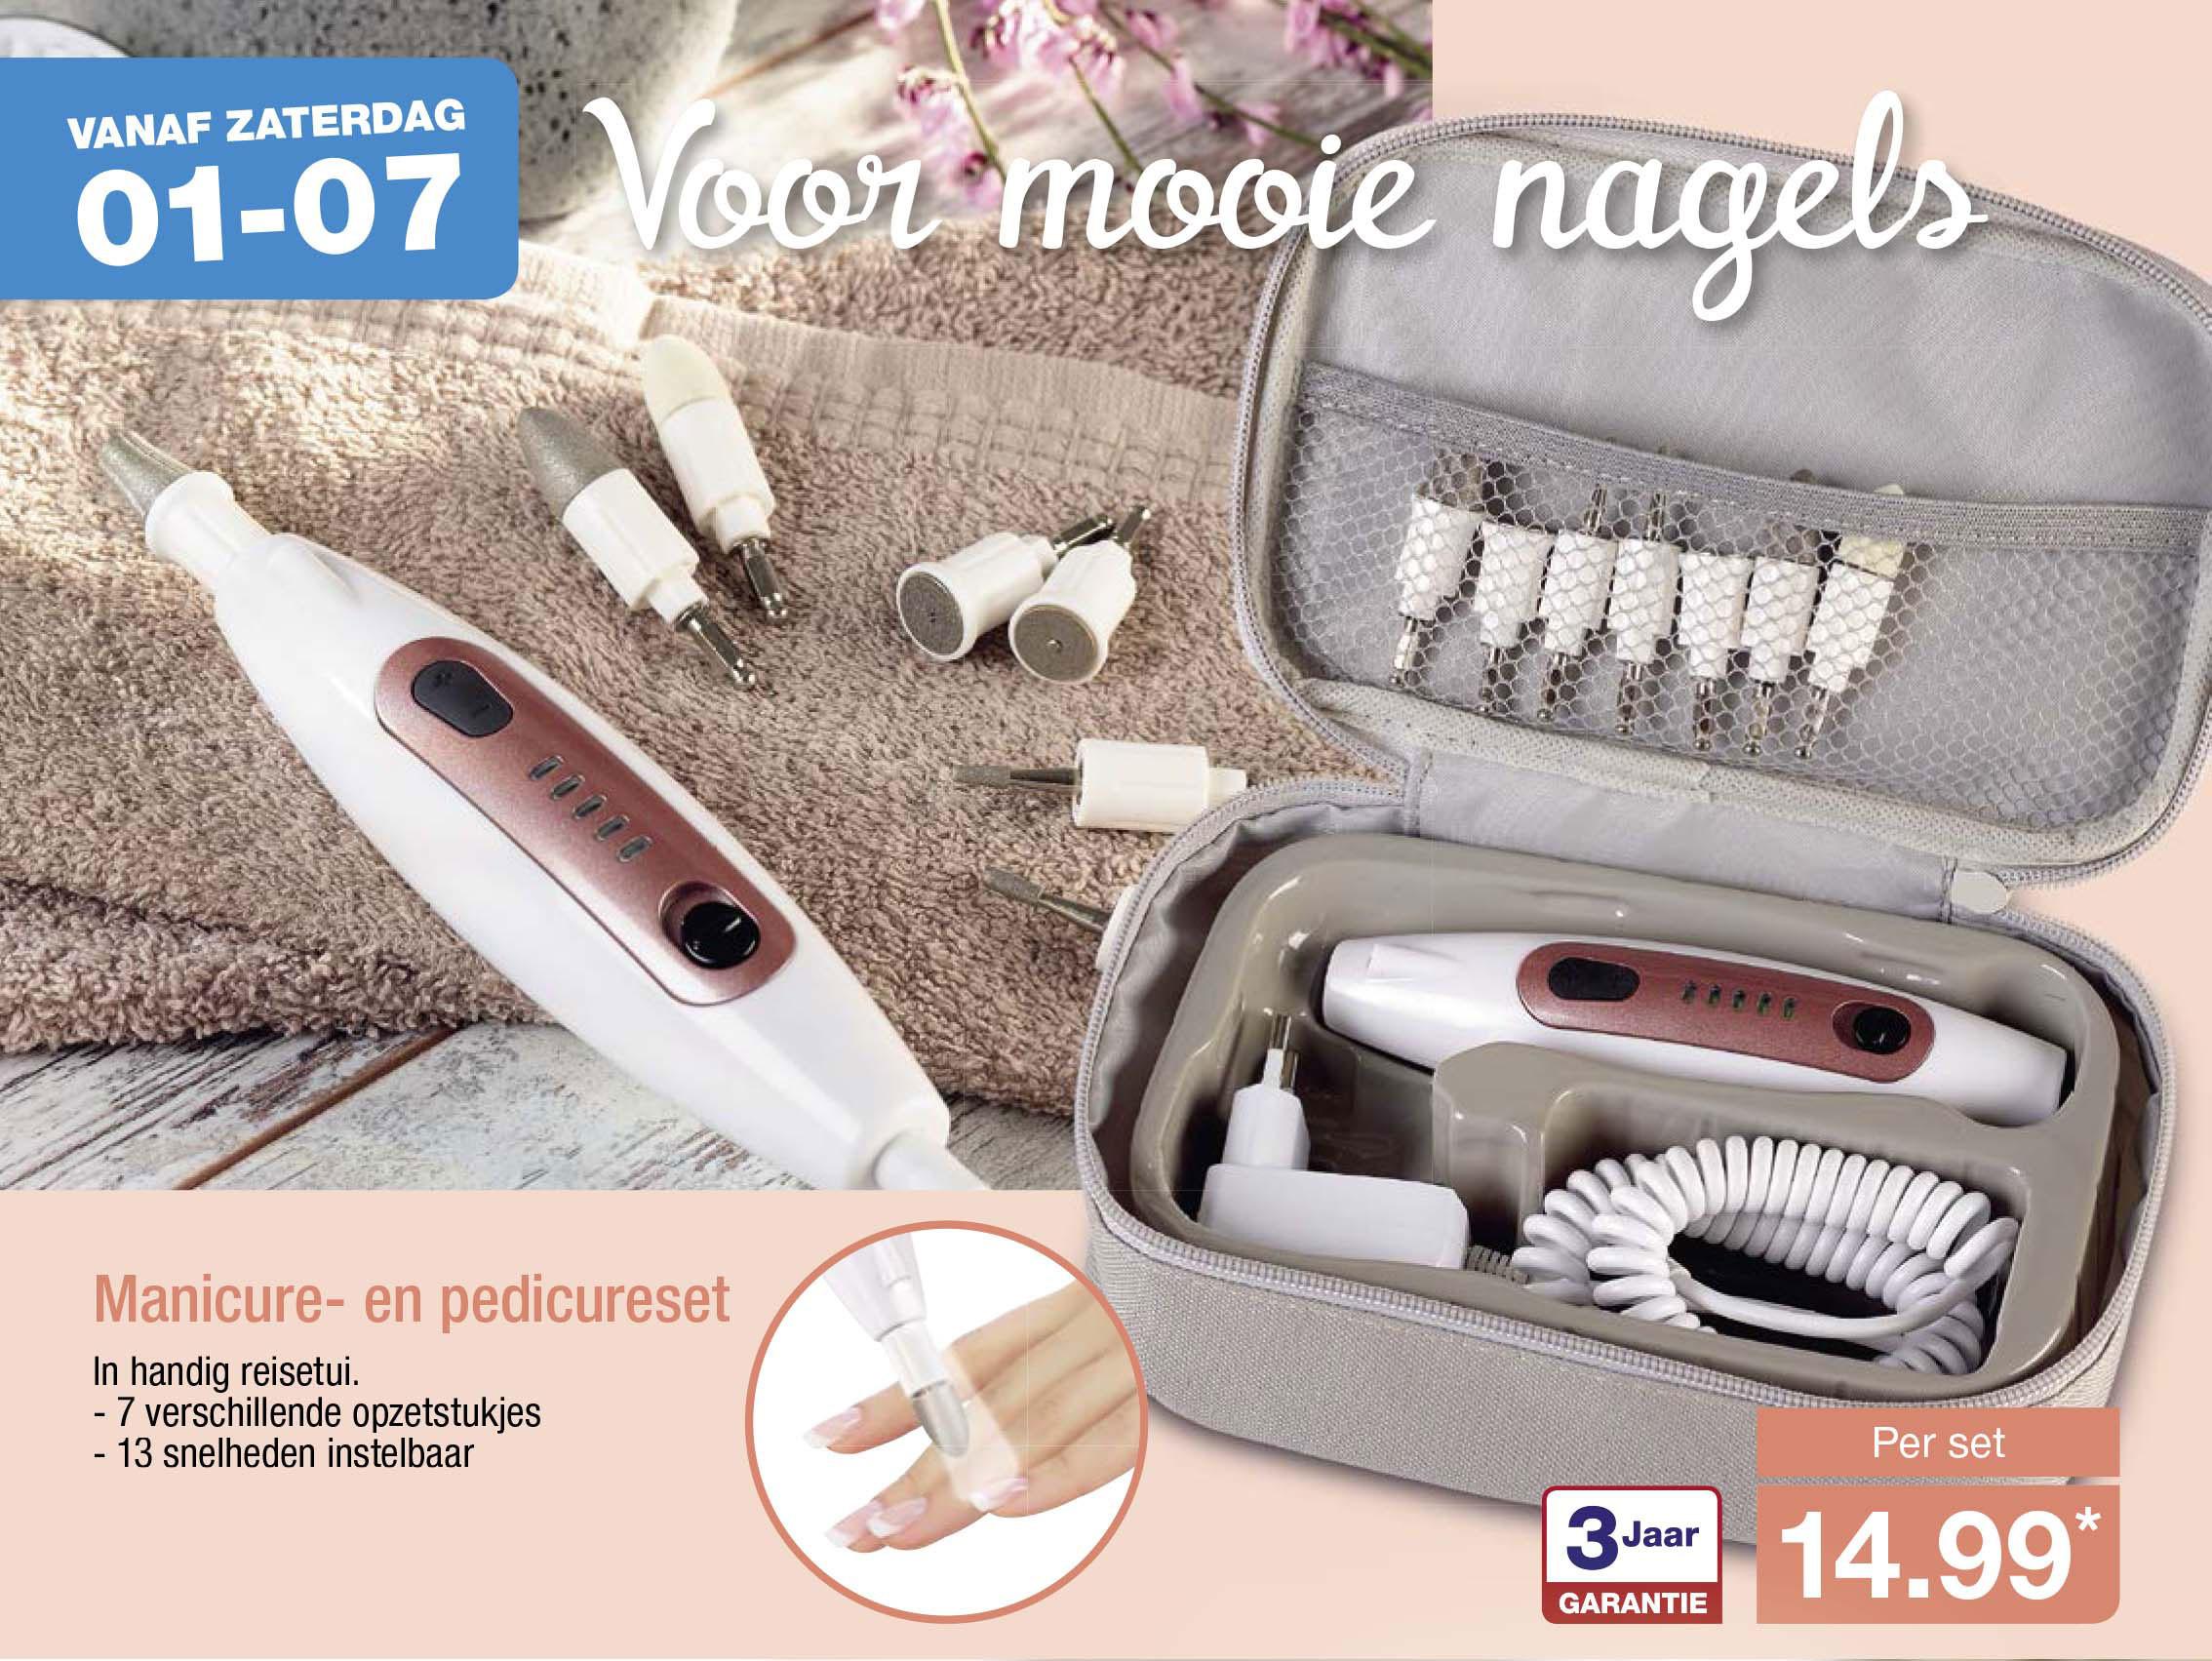 Maniküre Set Aldi  Manicure Pedicureset Aanbieding bij Lidl